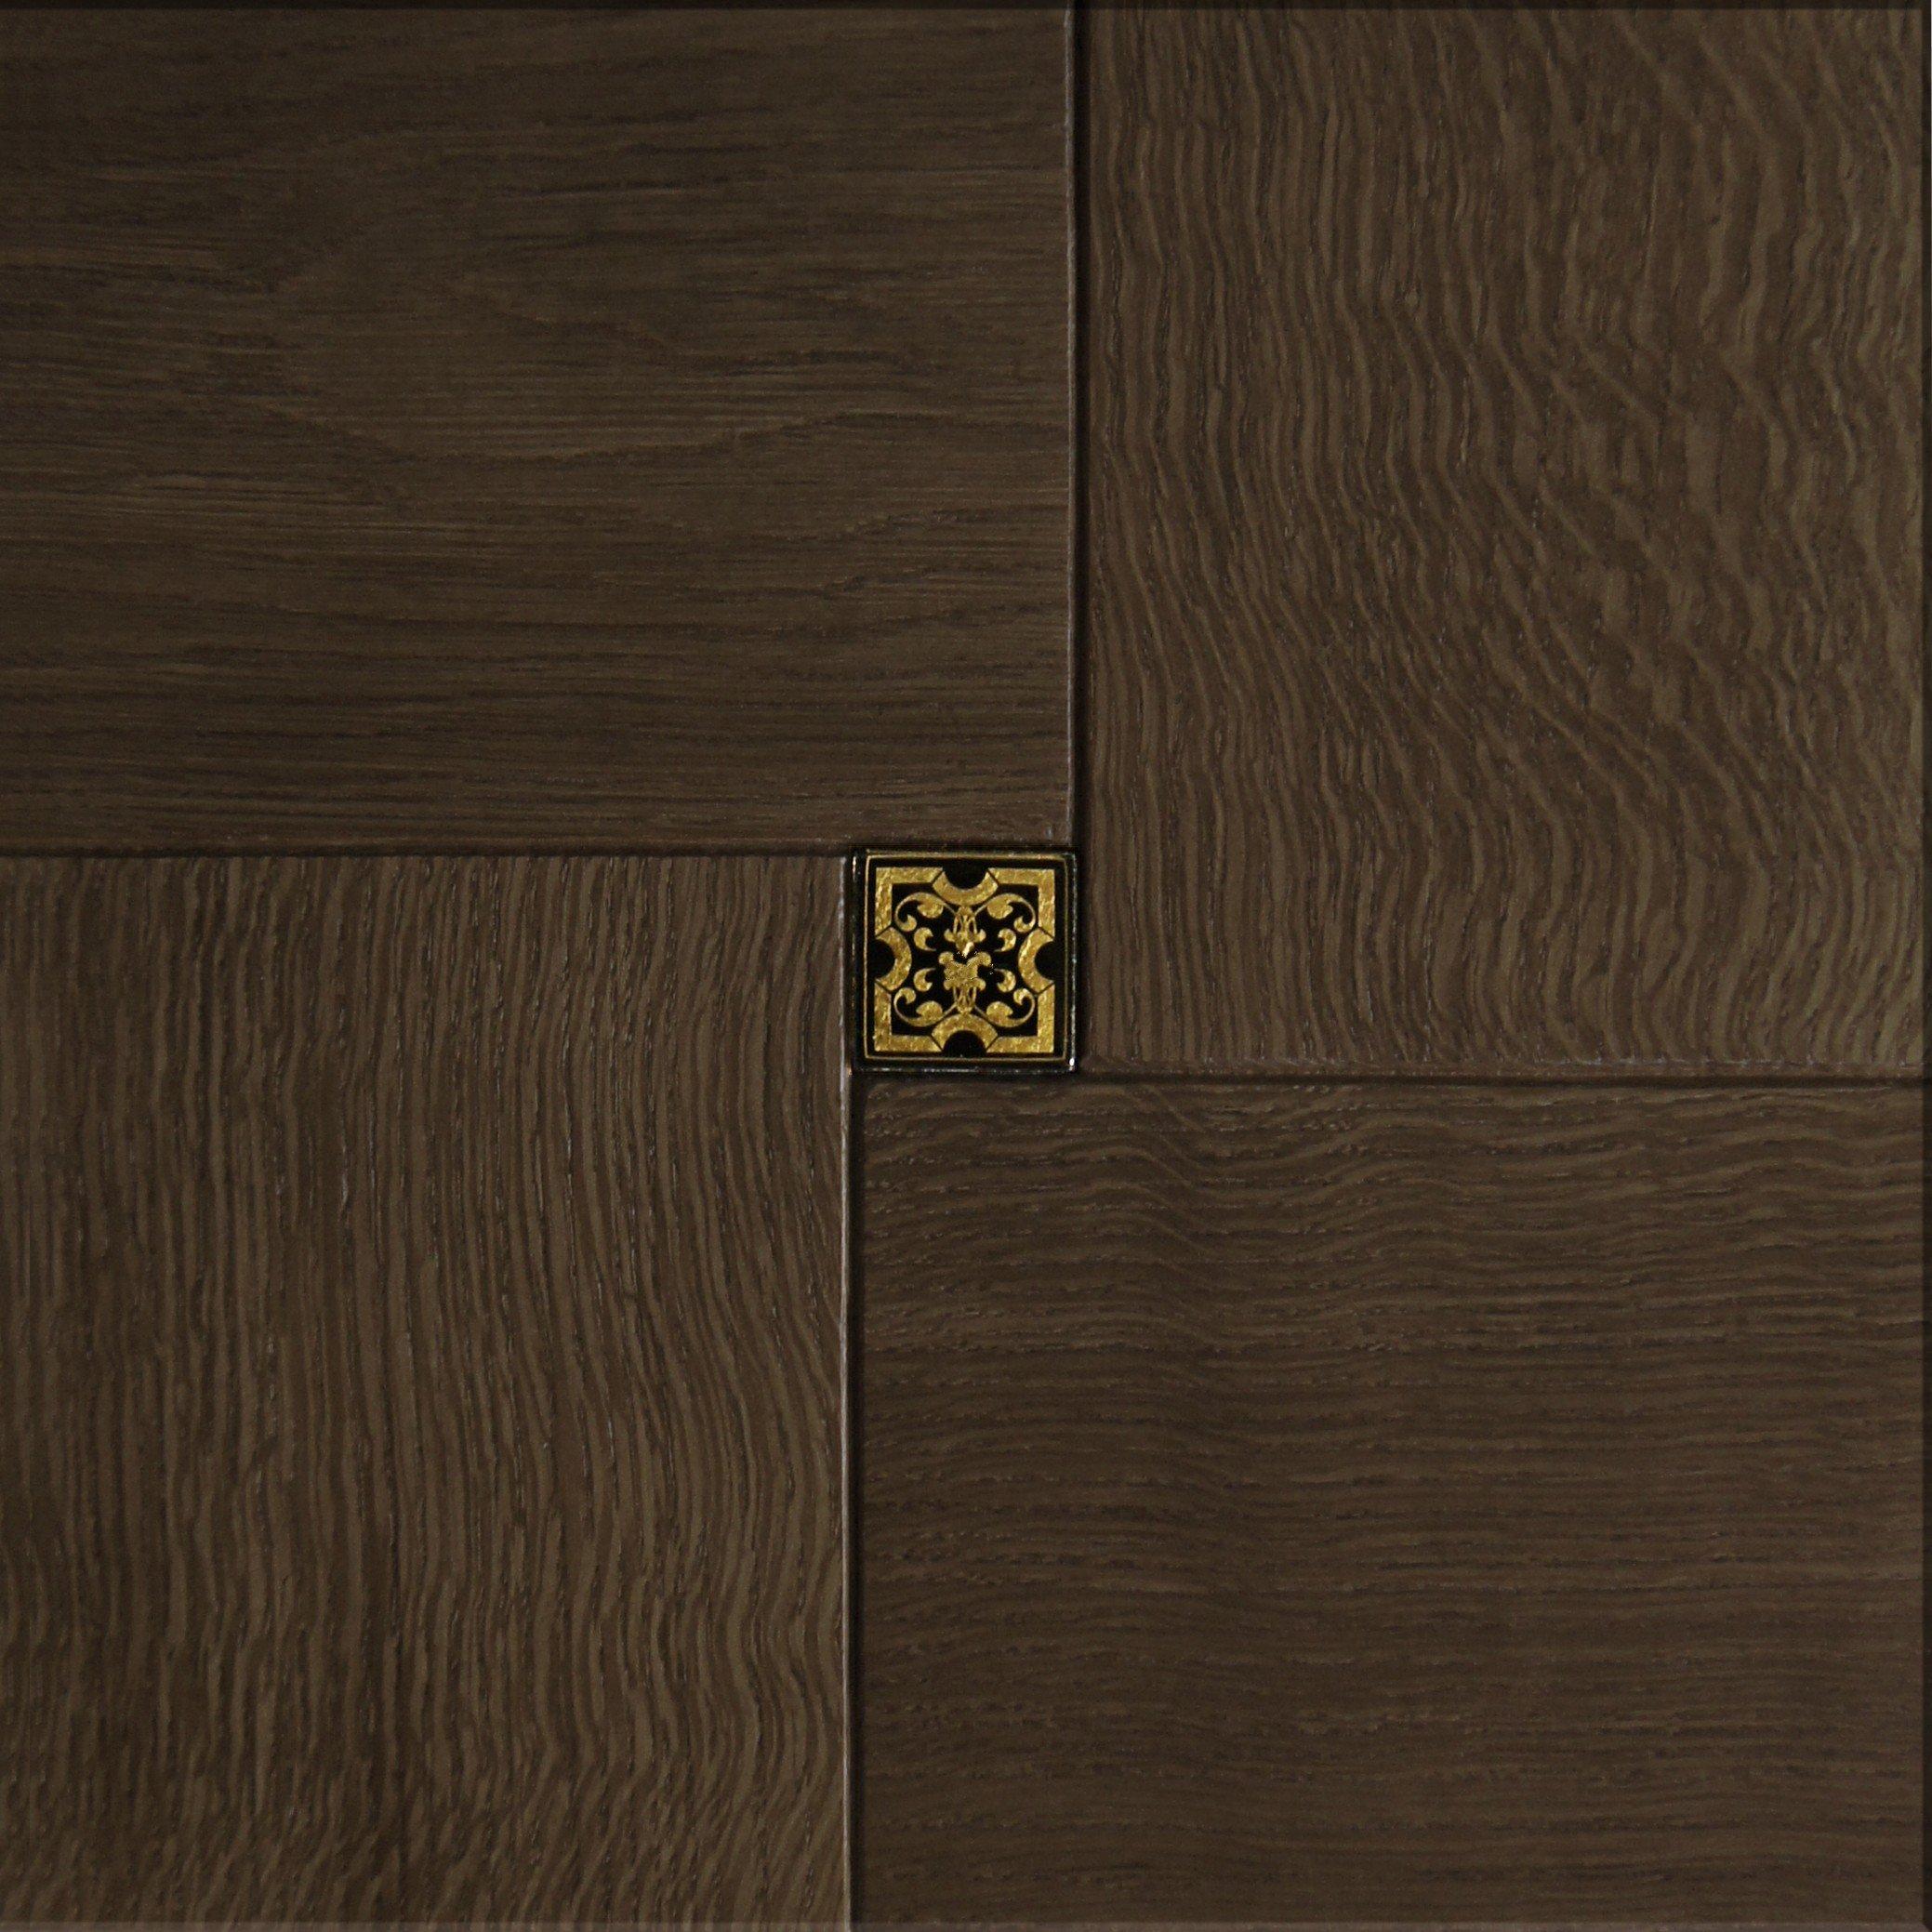 Модульный паркет Da Vinci с мозаикой 26-006-00490